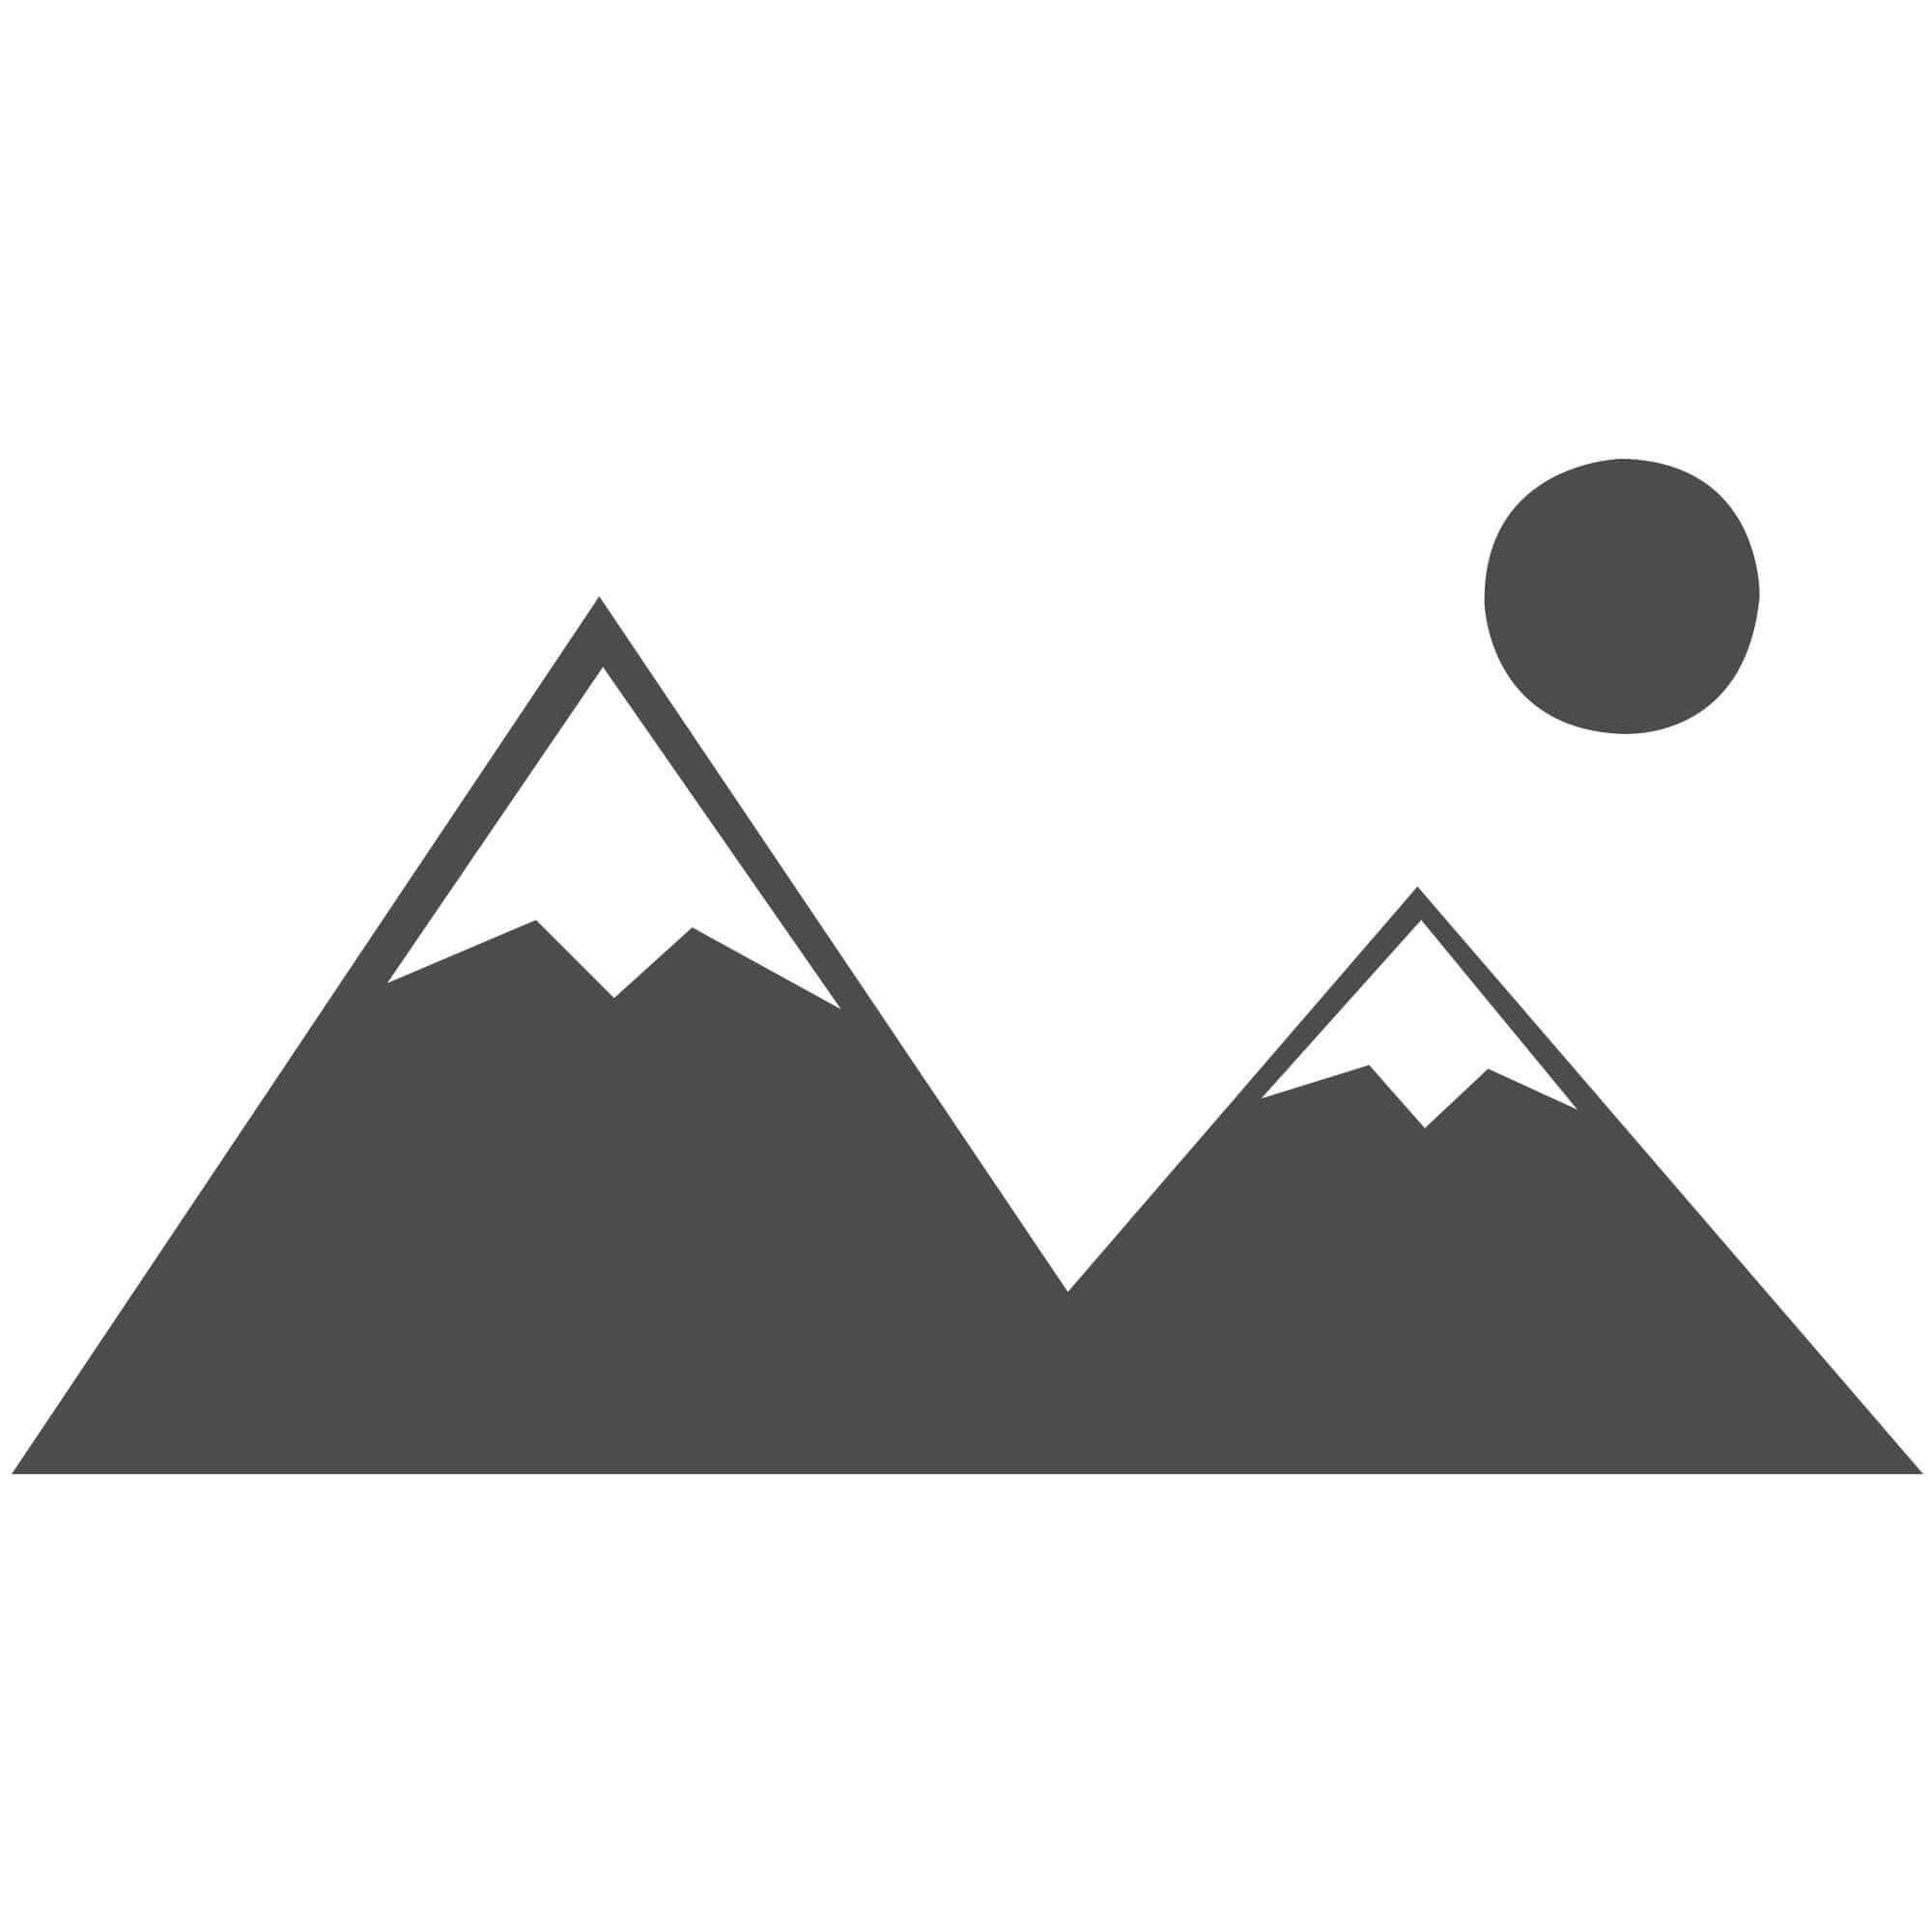 Vision Trimline TL140 Trimless #FPW